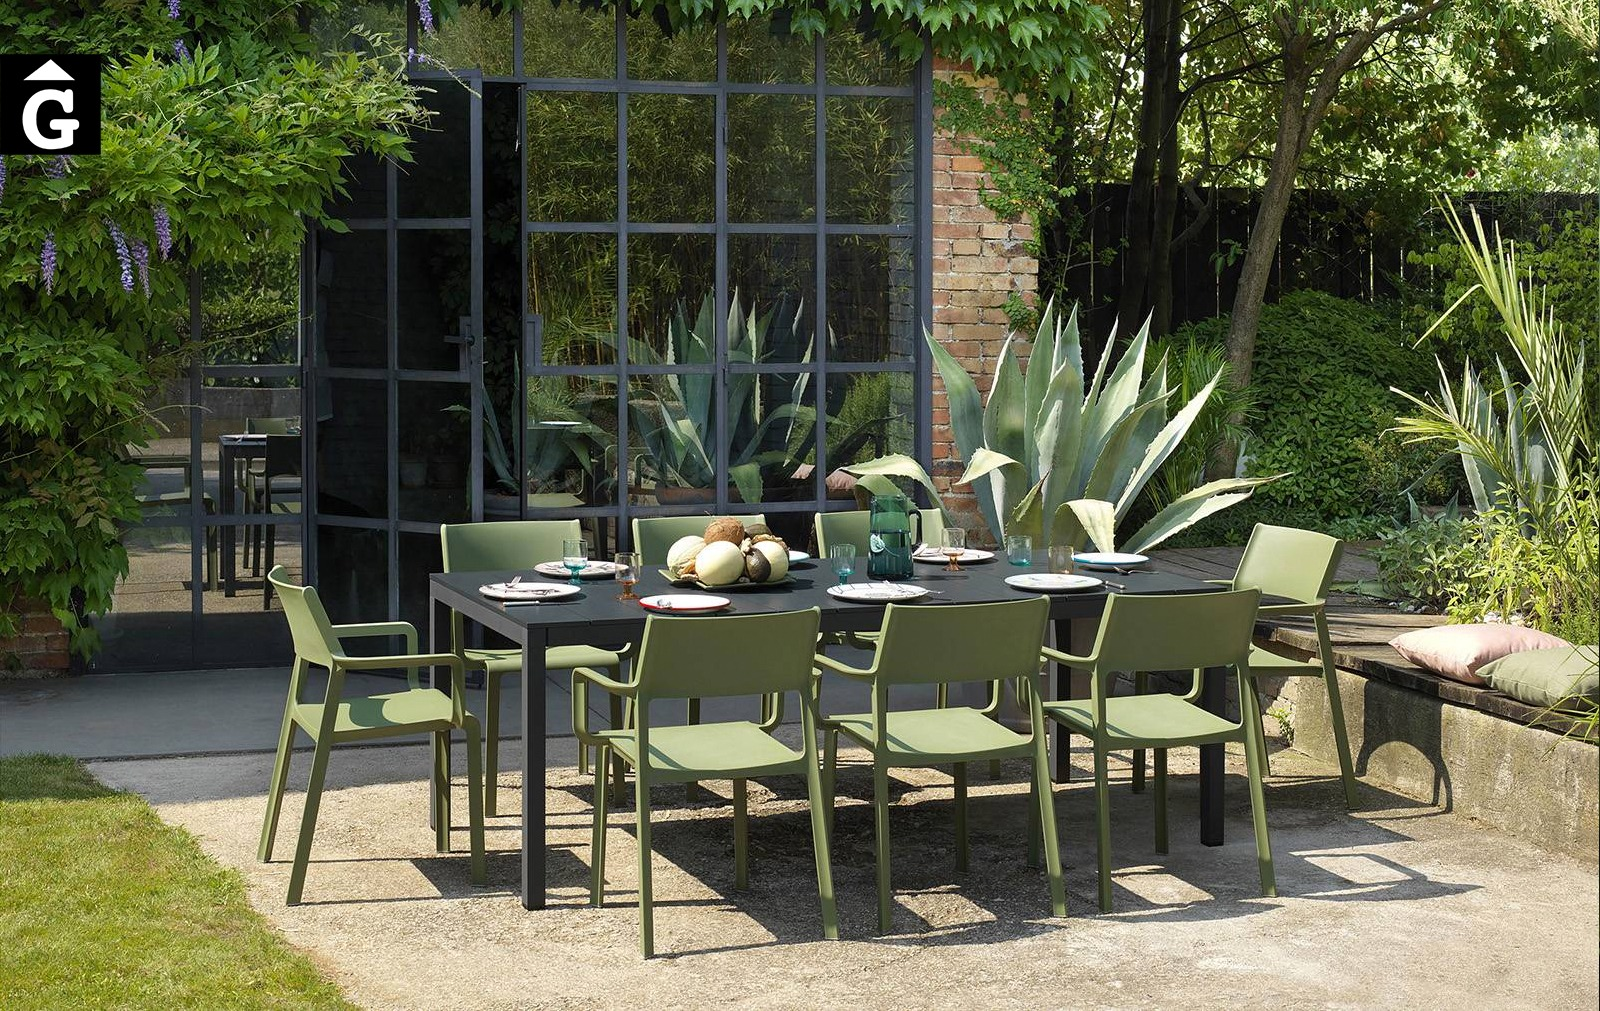 Taula Rio i cadira amb braços exterior Trill | Nardi | mobiliari d'exterior amb disseny italià